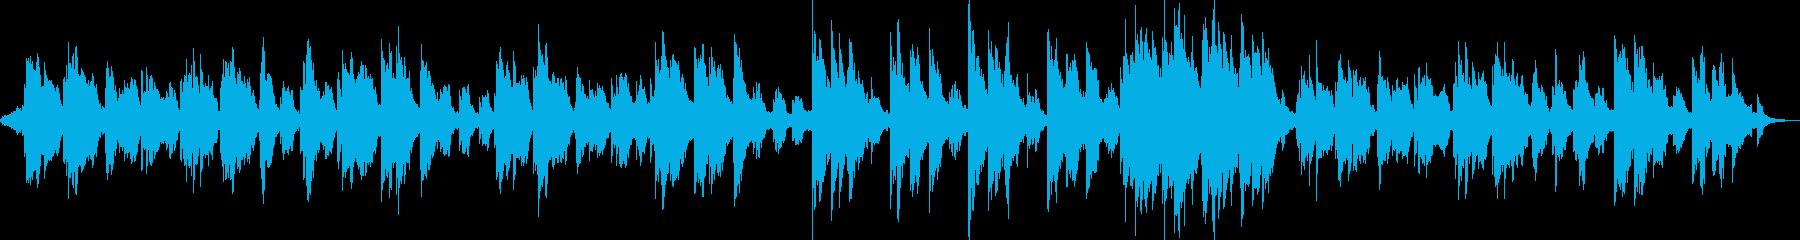 水に漂っている様なアンビエント系BGMの再生済みの波形